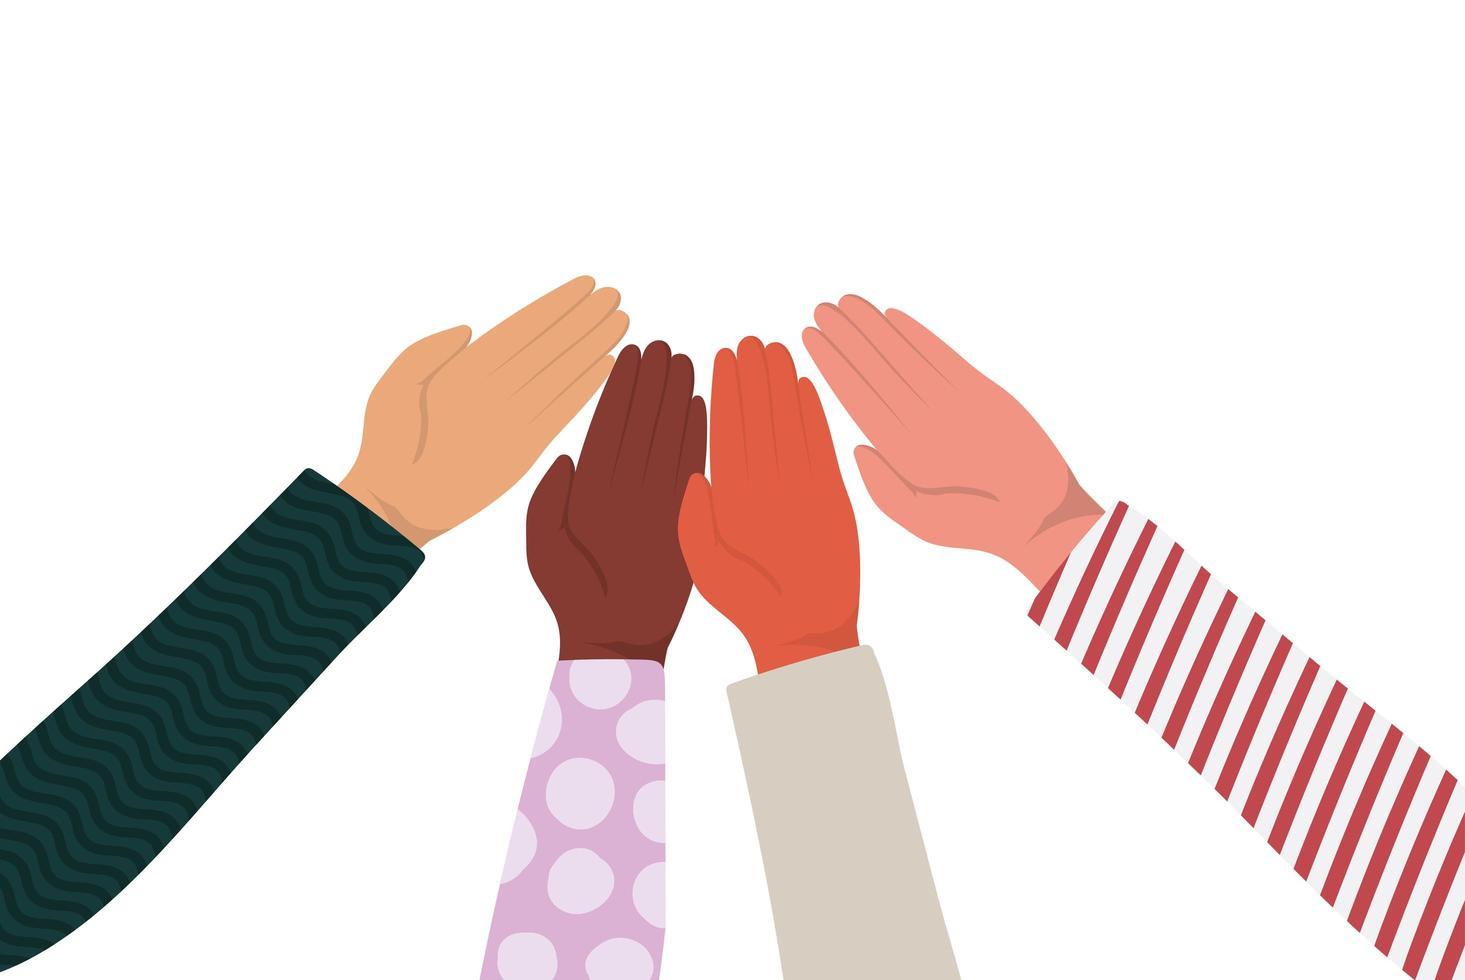 Hände berühren sich von verschiedenen Arten von Skins Vektordesign vektor